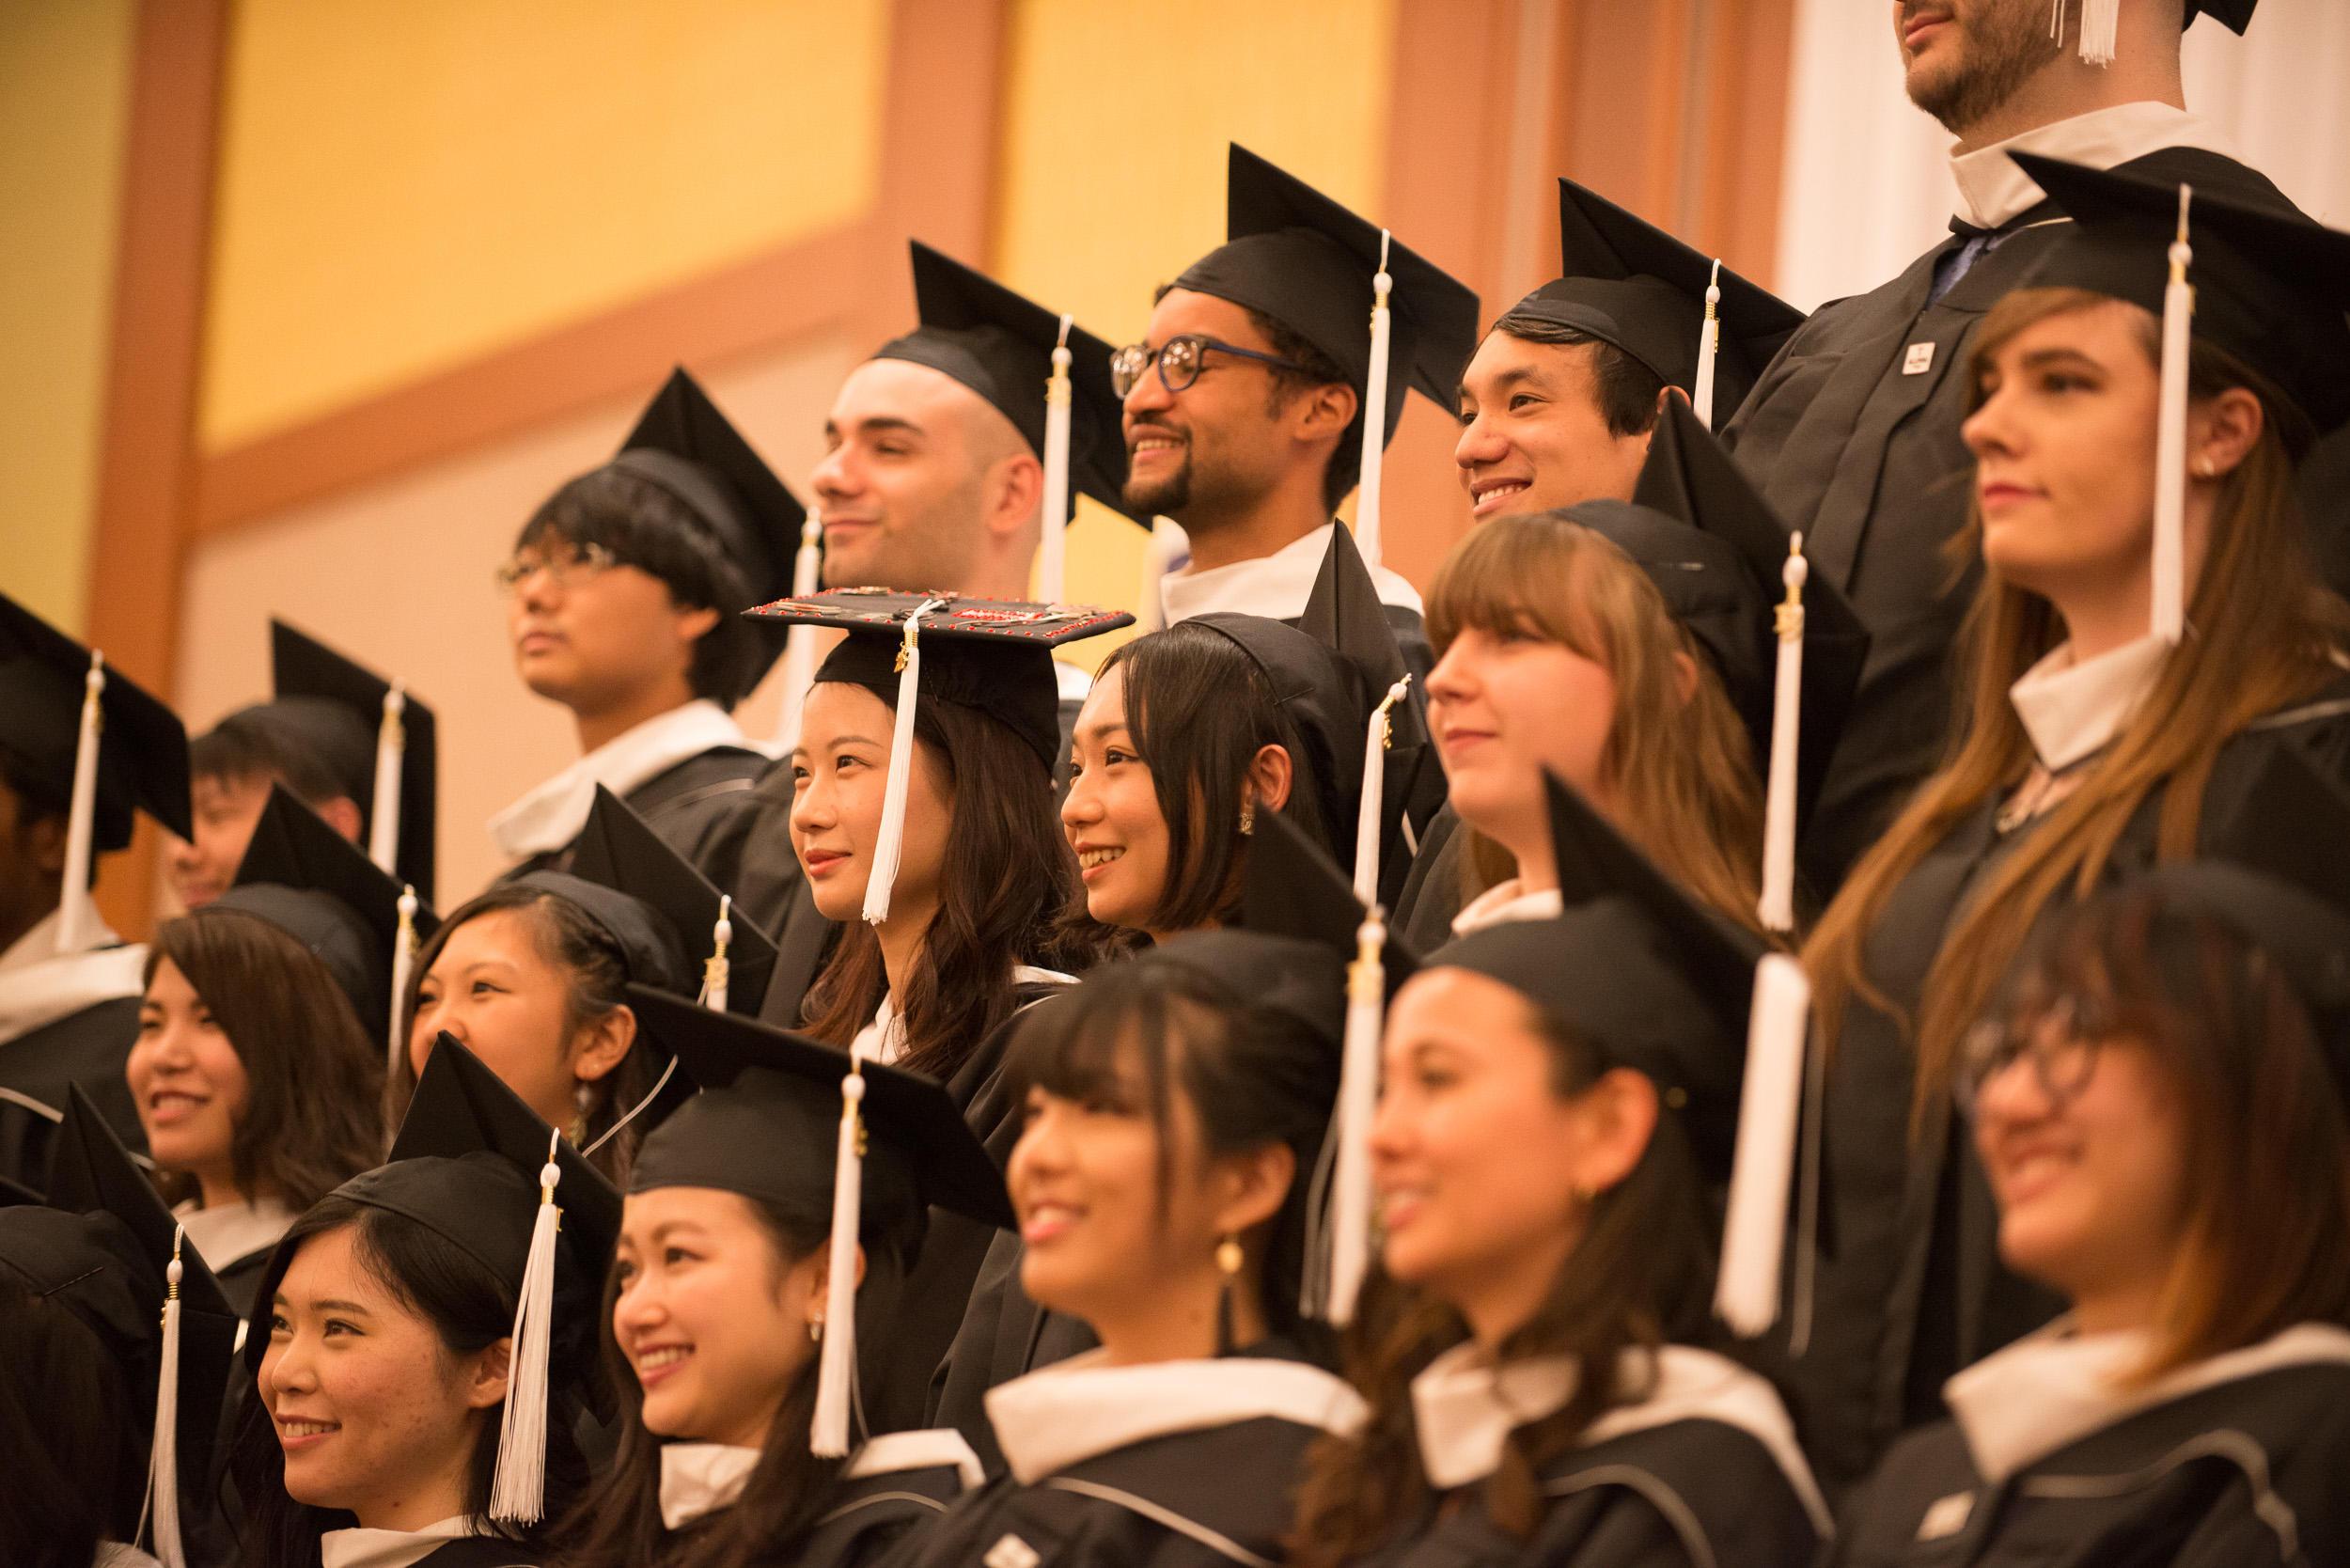 テンプル大学ジャパンキャンパス 2018年度卒業式 挙行 -- 過去最大数の卒業生がグローバル社会へ